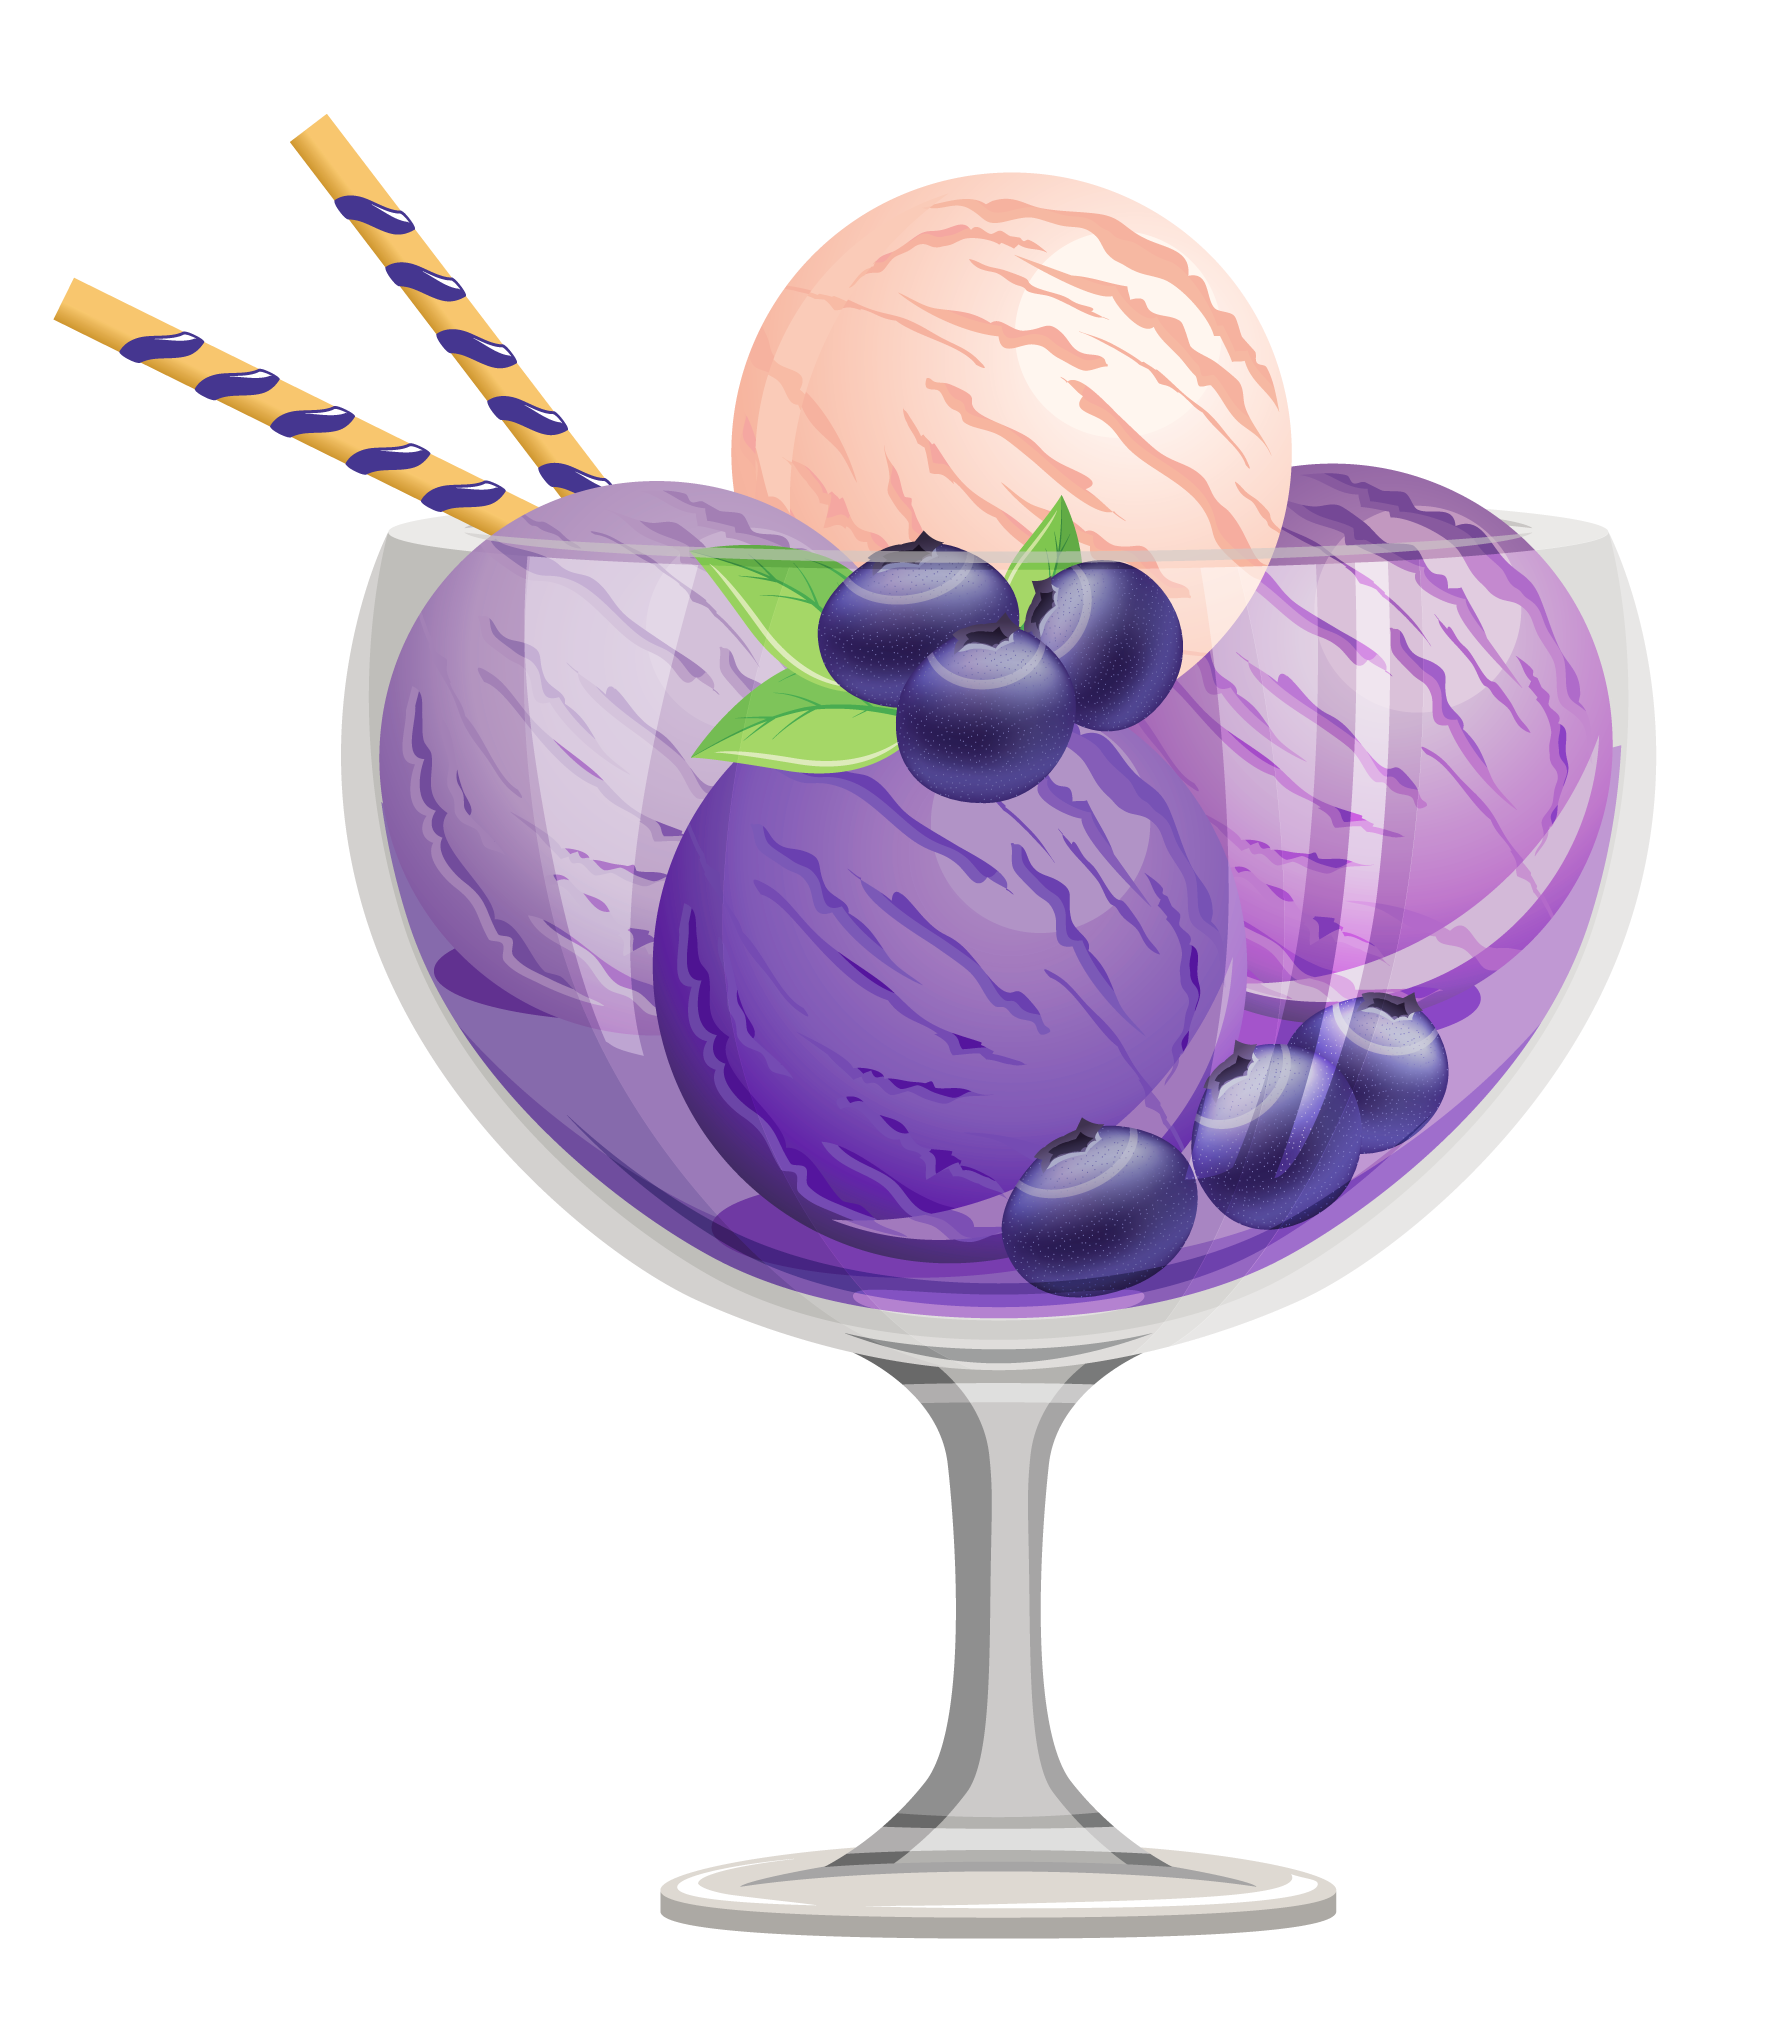 Ice cream sundae clipart 9